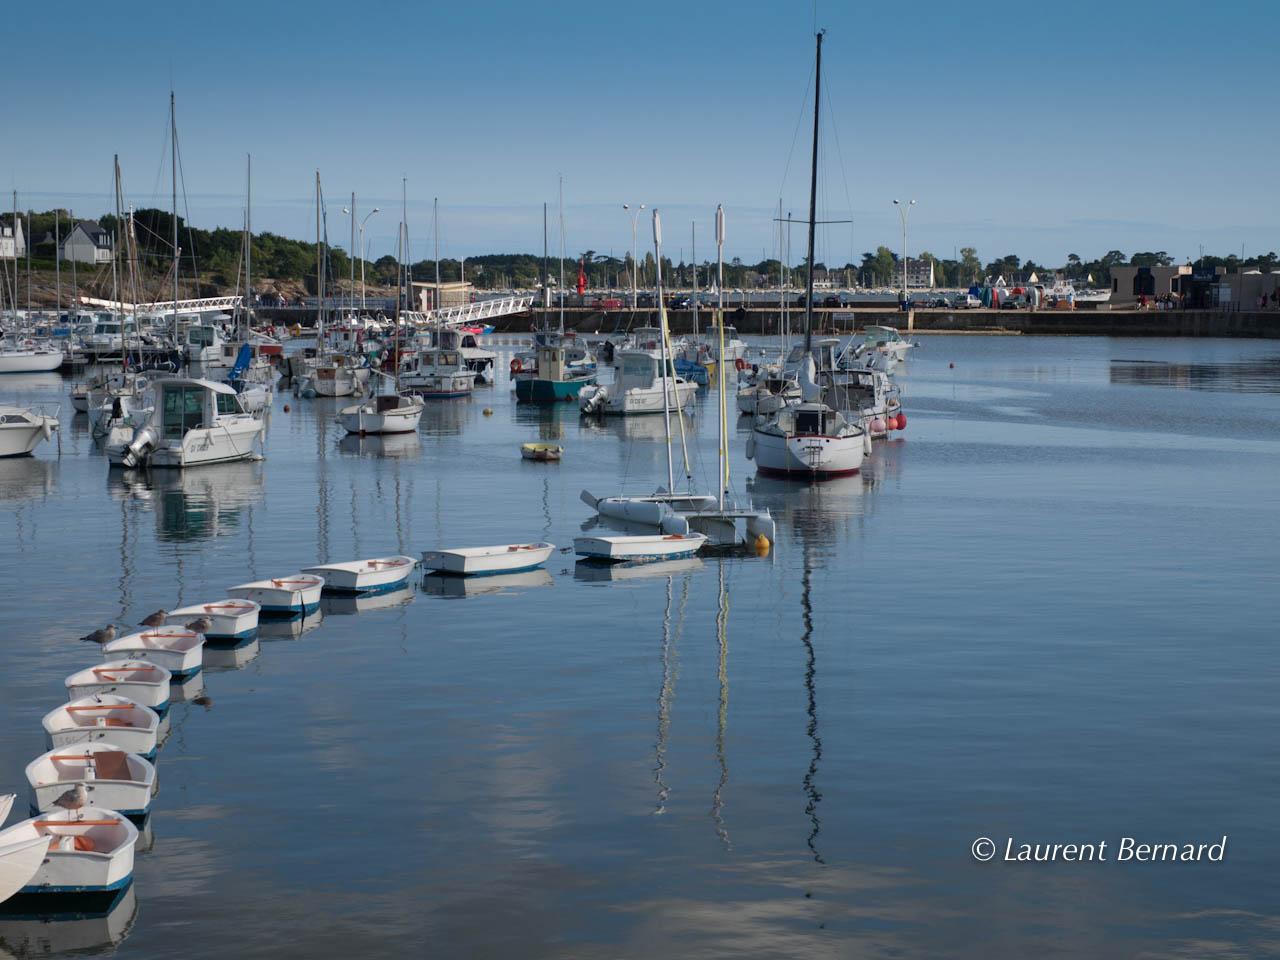 BoatsConcarneau